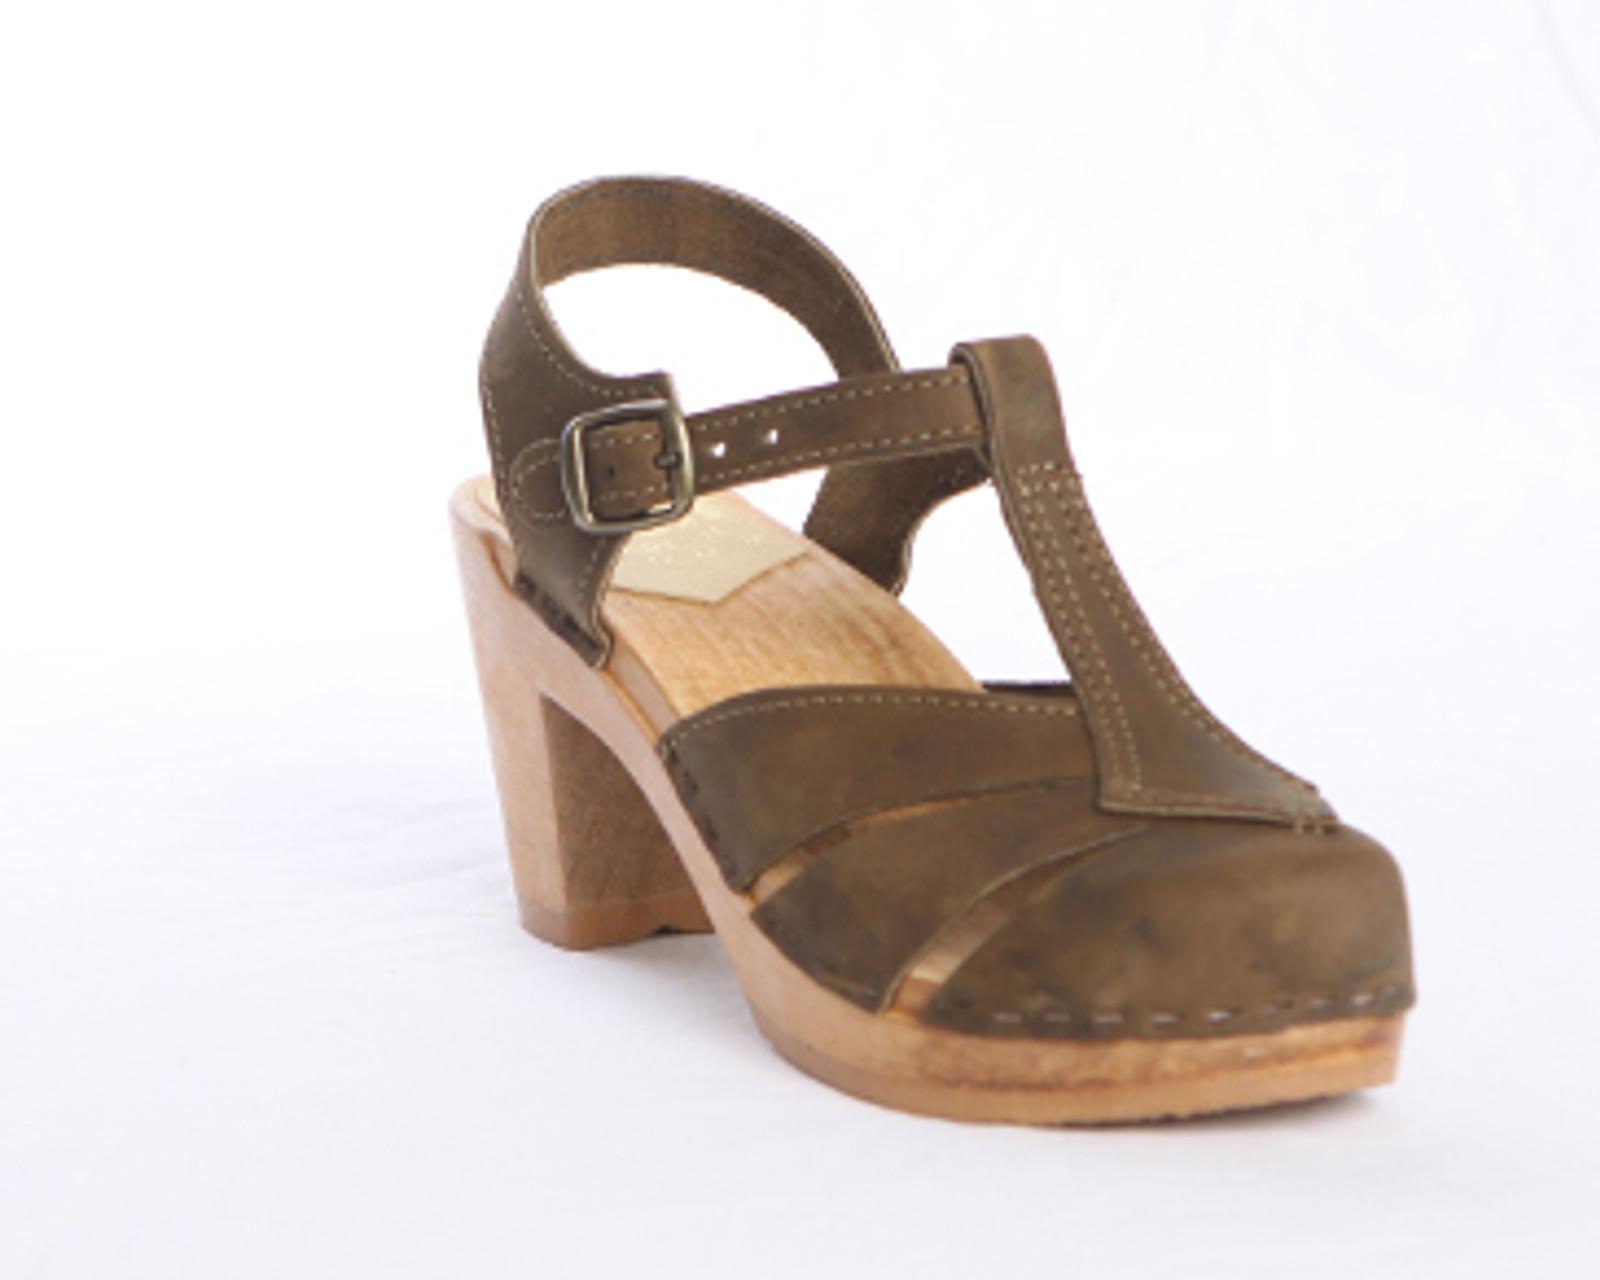 Diamond Strap - Closed Toe